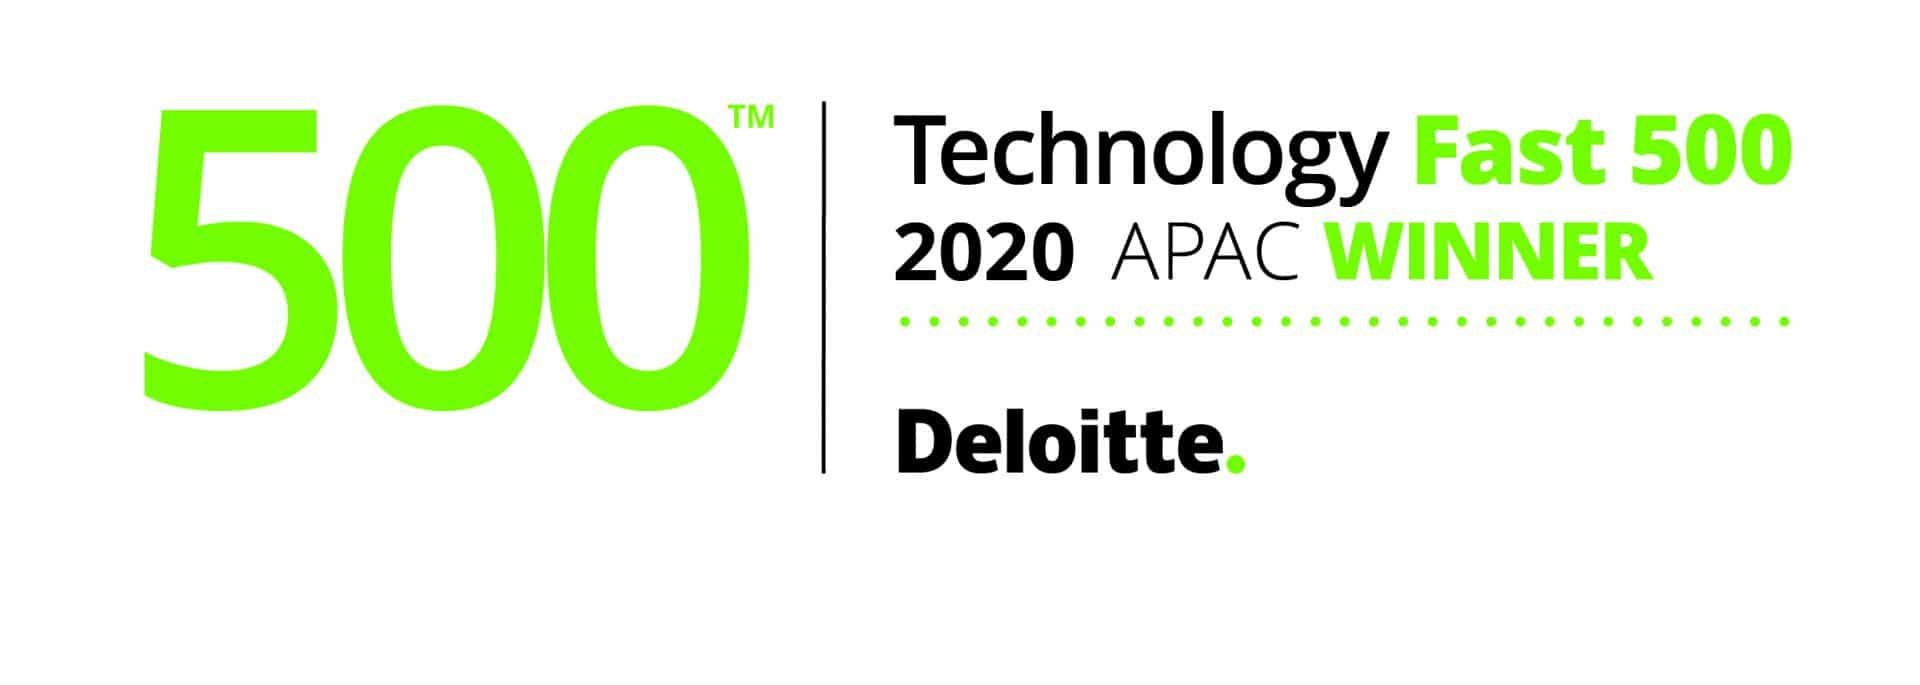 Deloitte Fast500 Winner APAC PRI CMYK